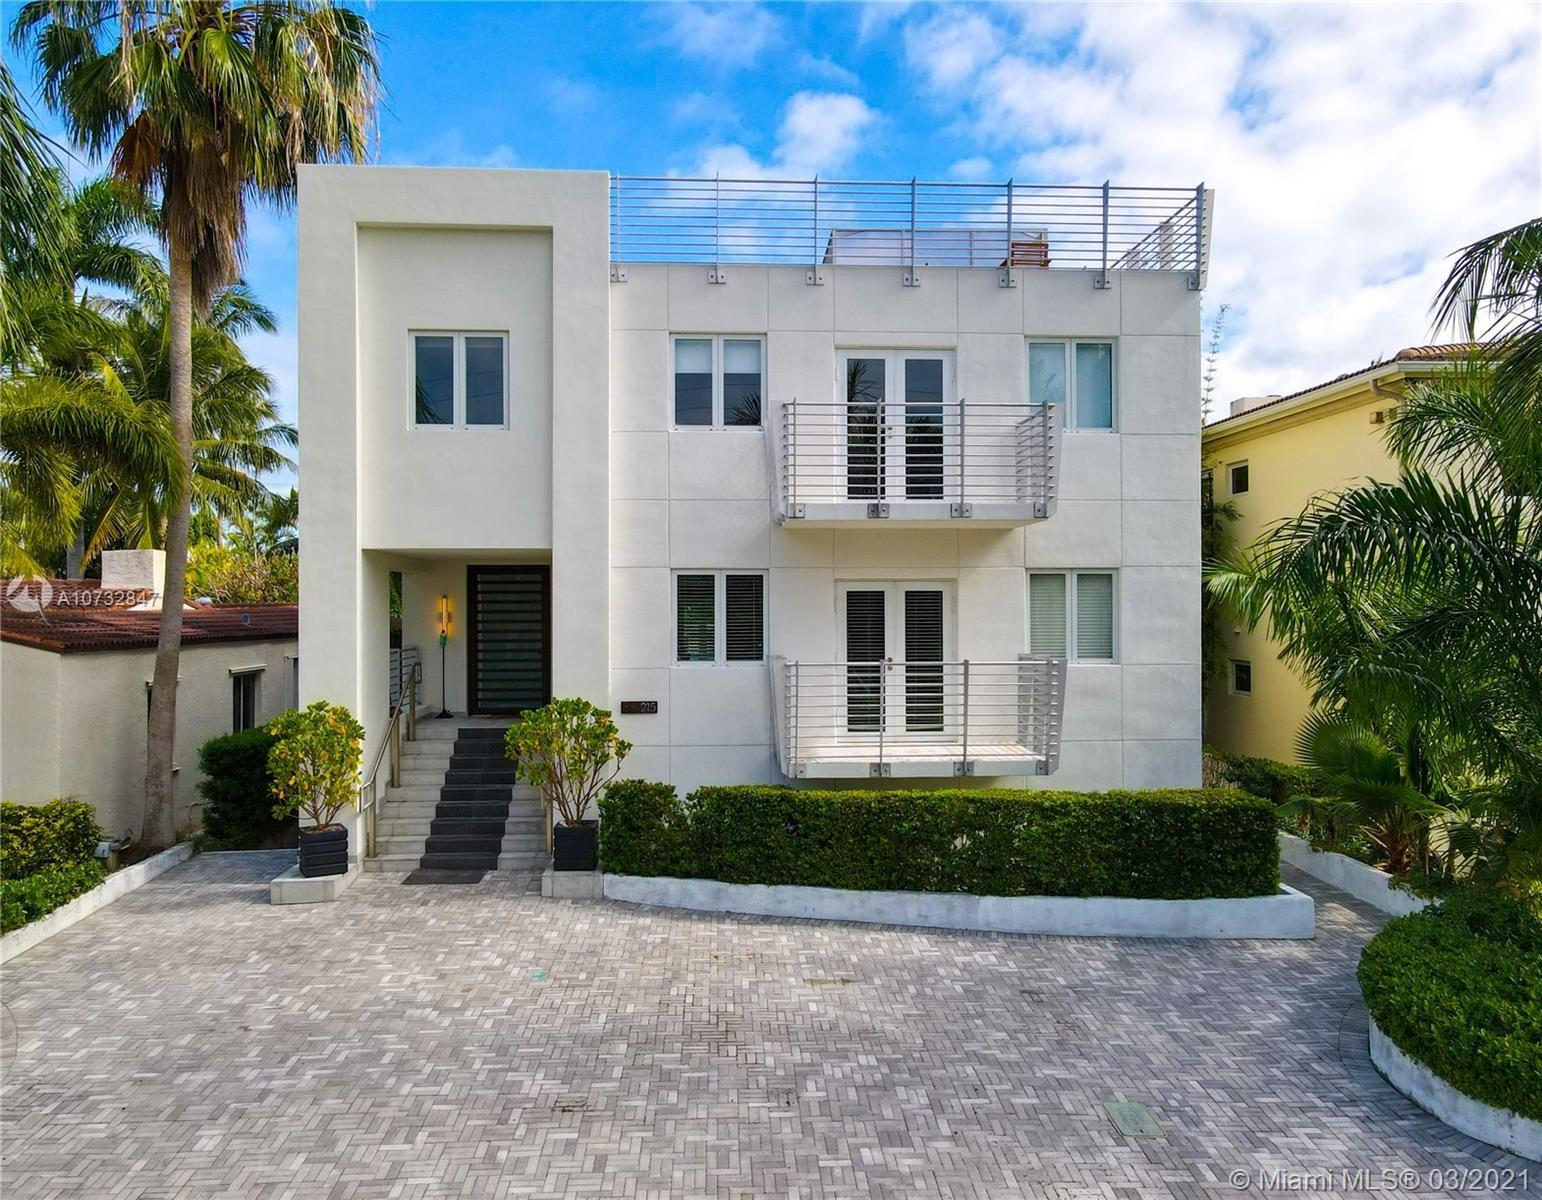 215 Palm Ave, Miami Beach, FL 33139 - #: A10732847